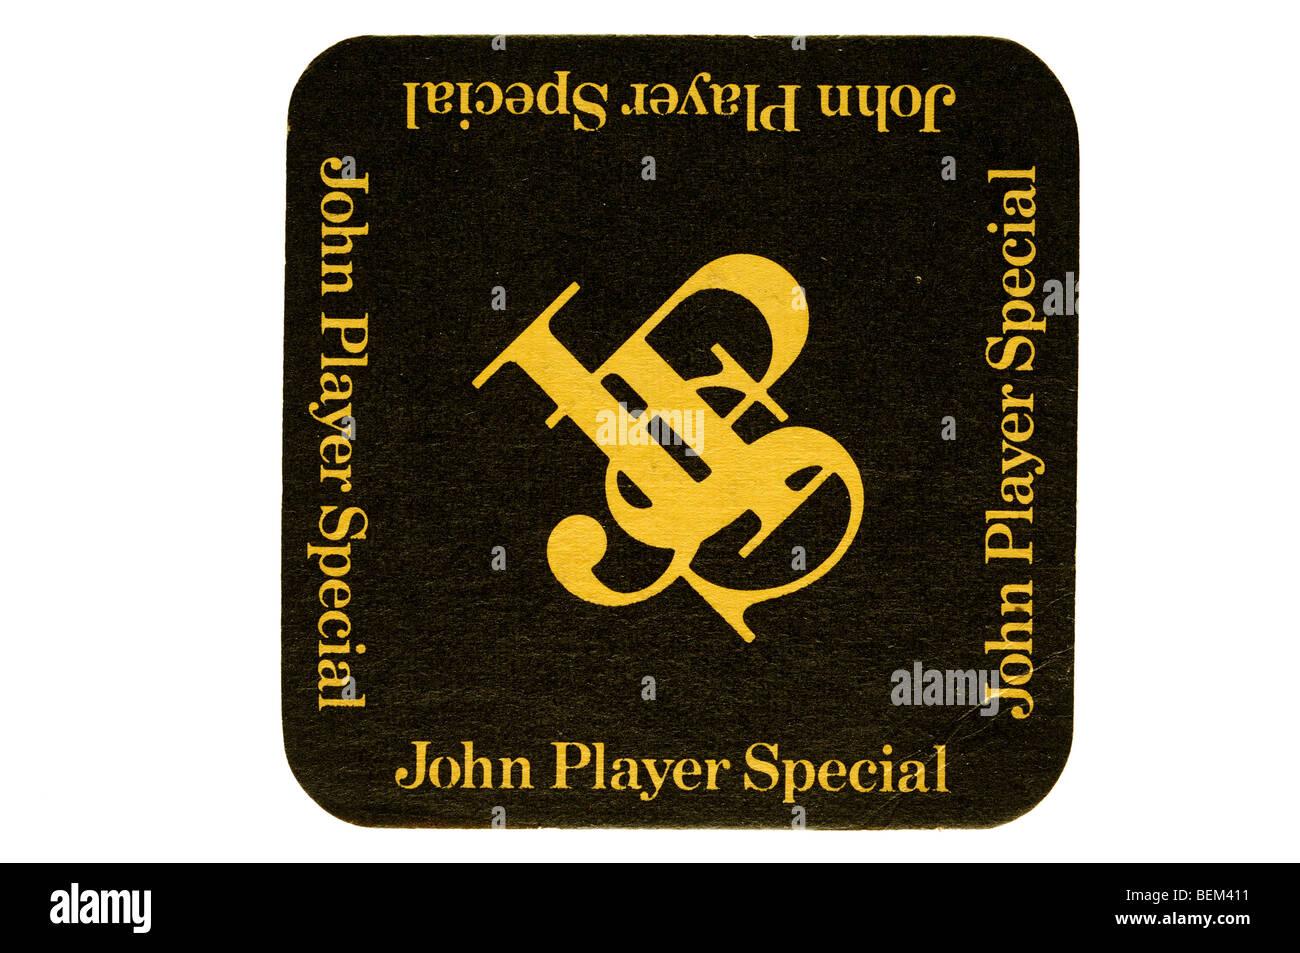 john player special JSP - Stock Image